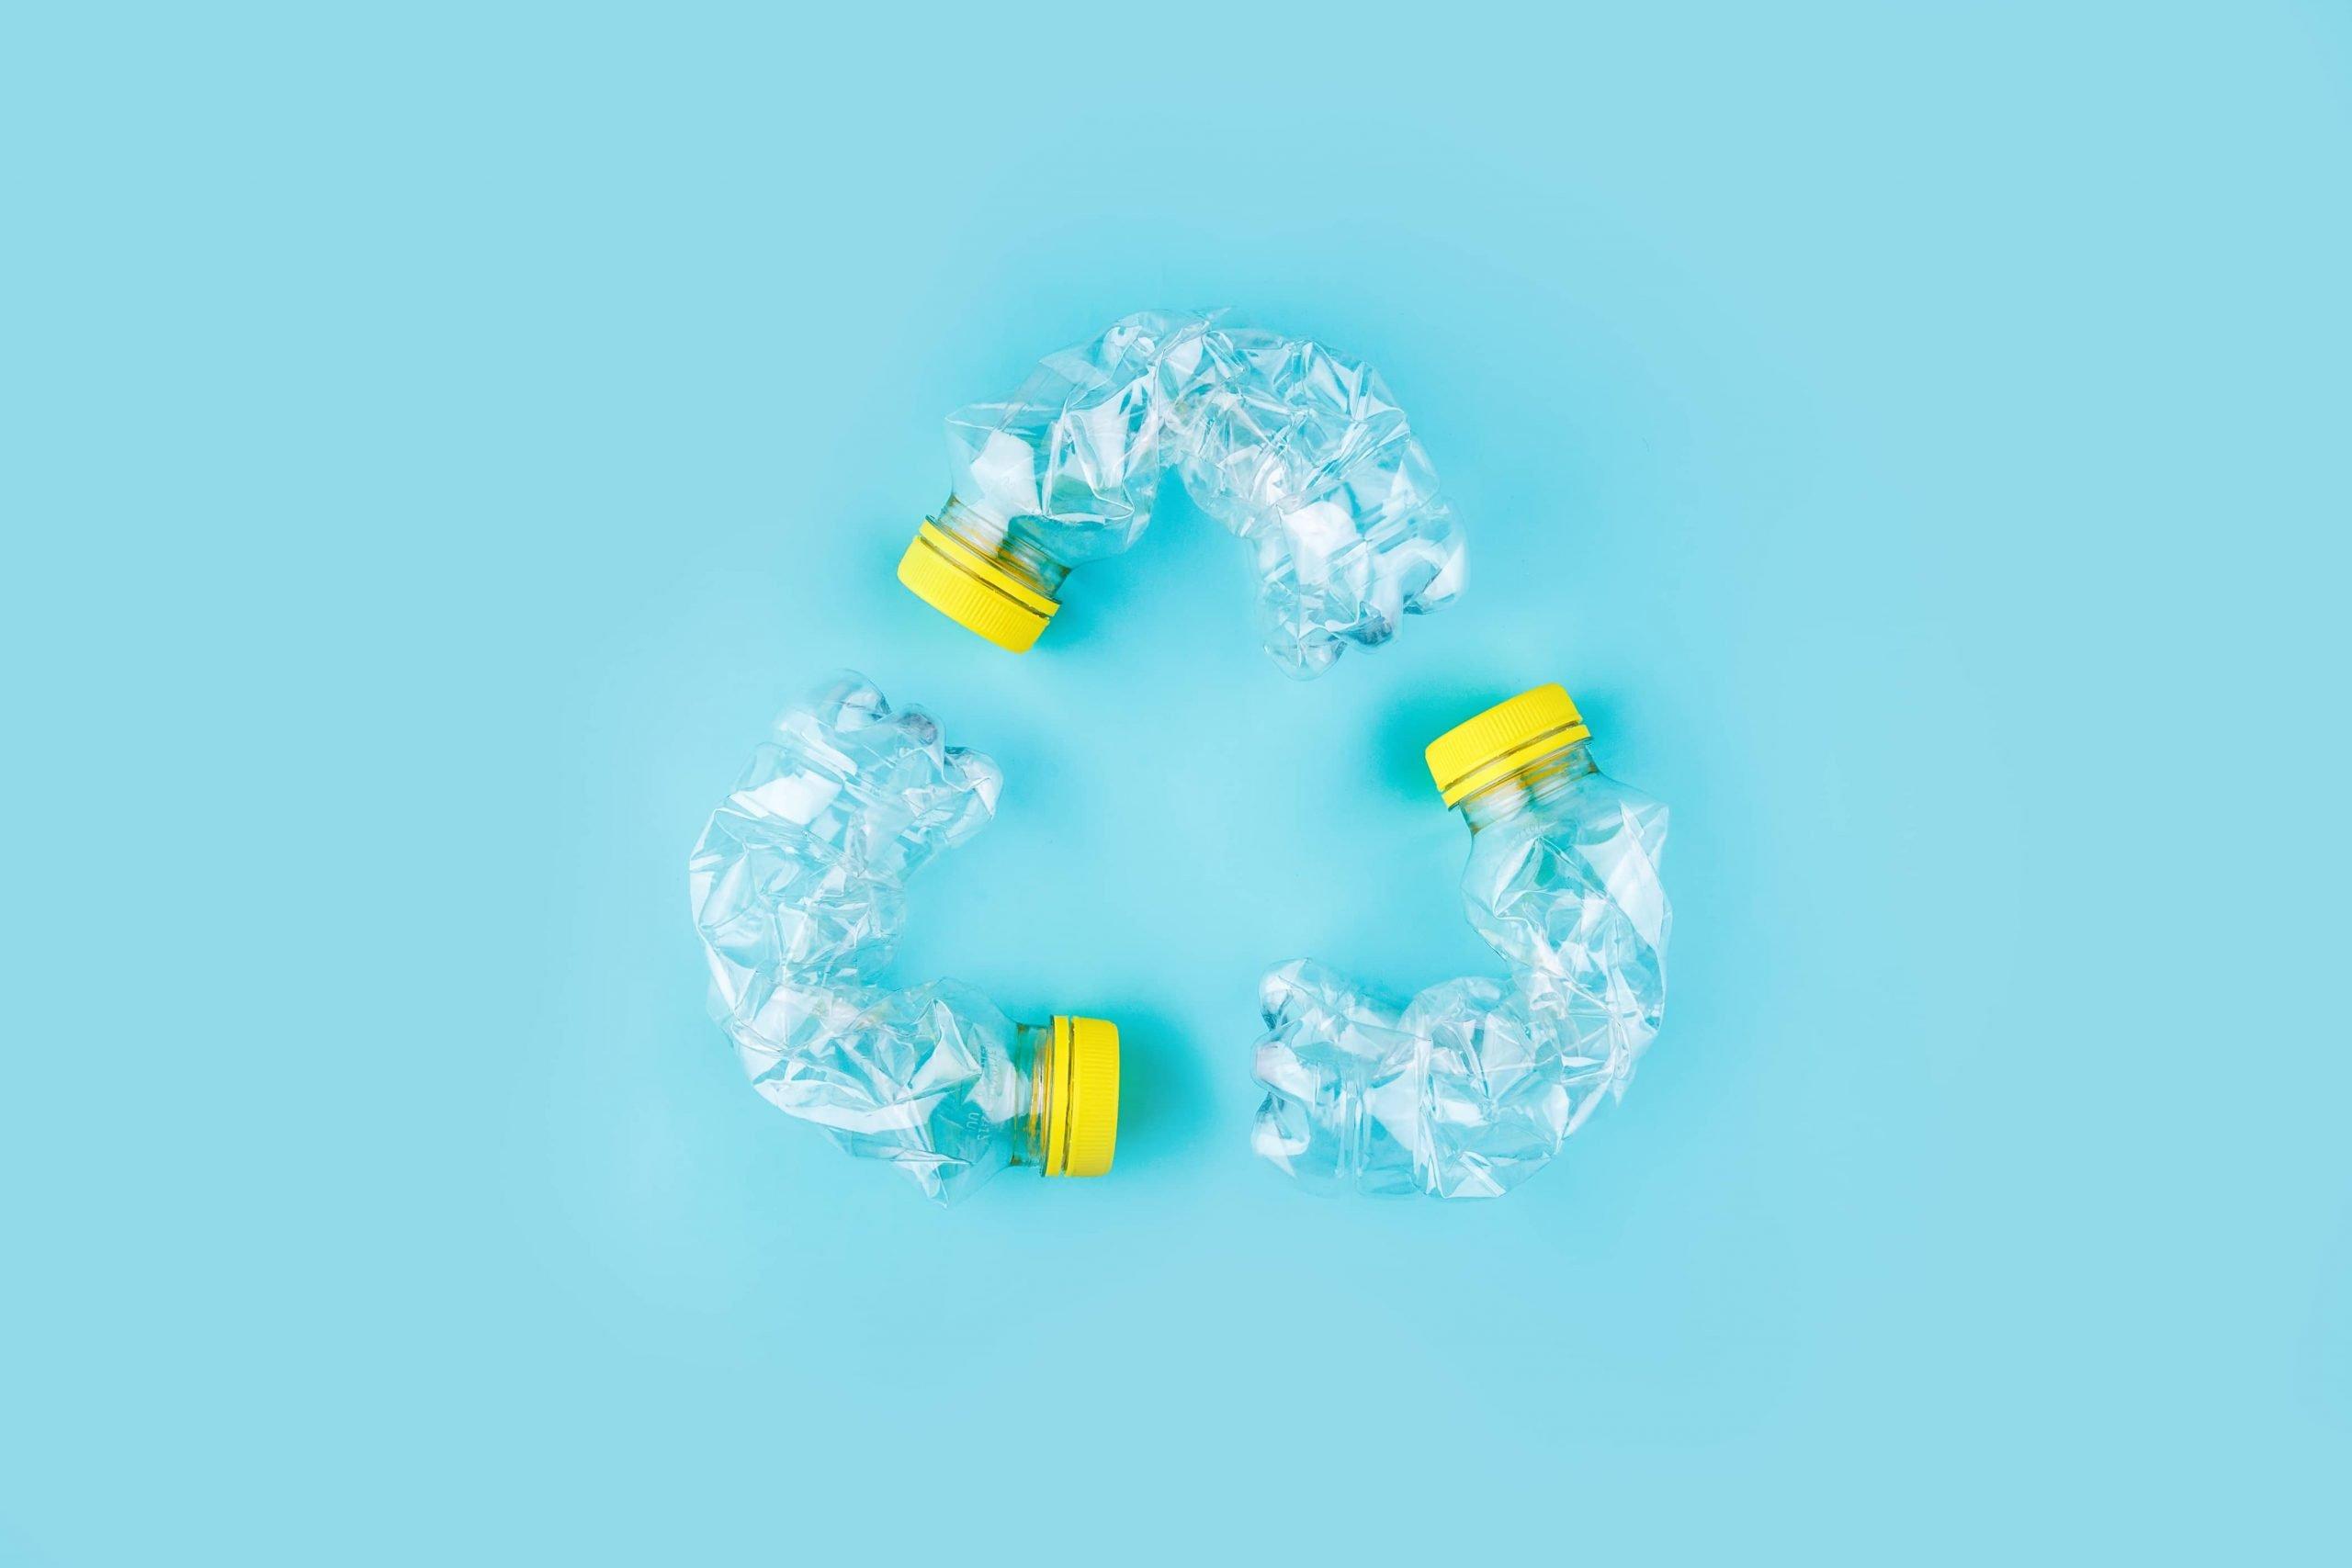 simbolo del riciclaggio fatto con bottiglie